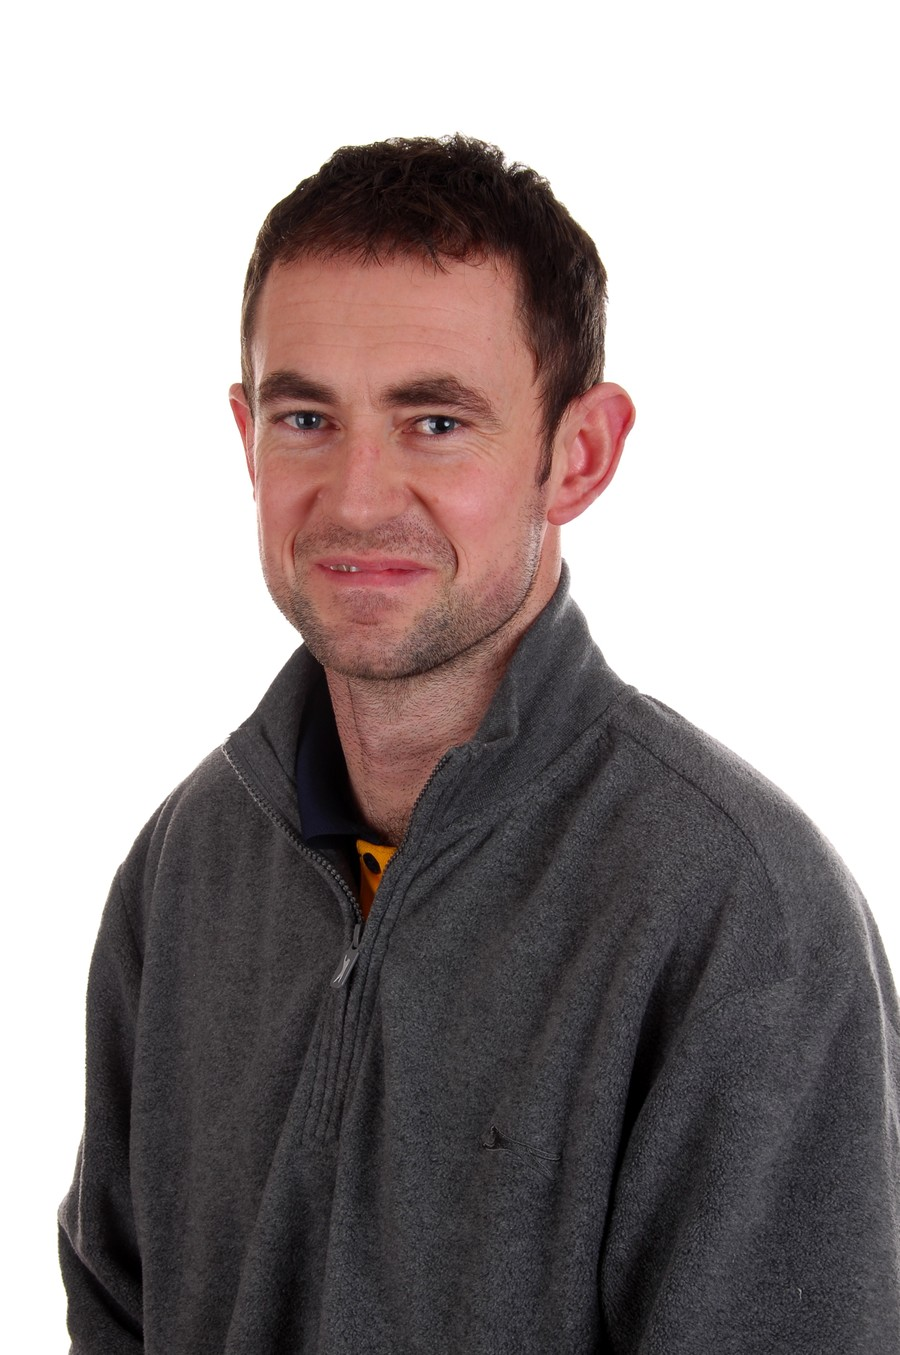 Mr D McMullan